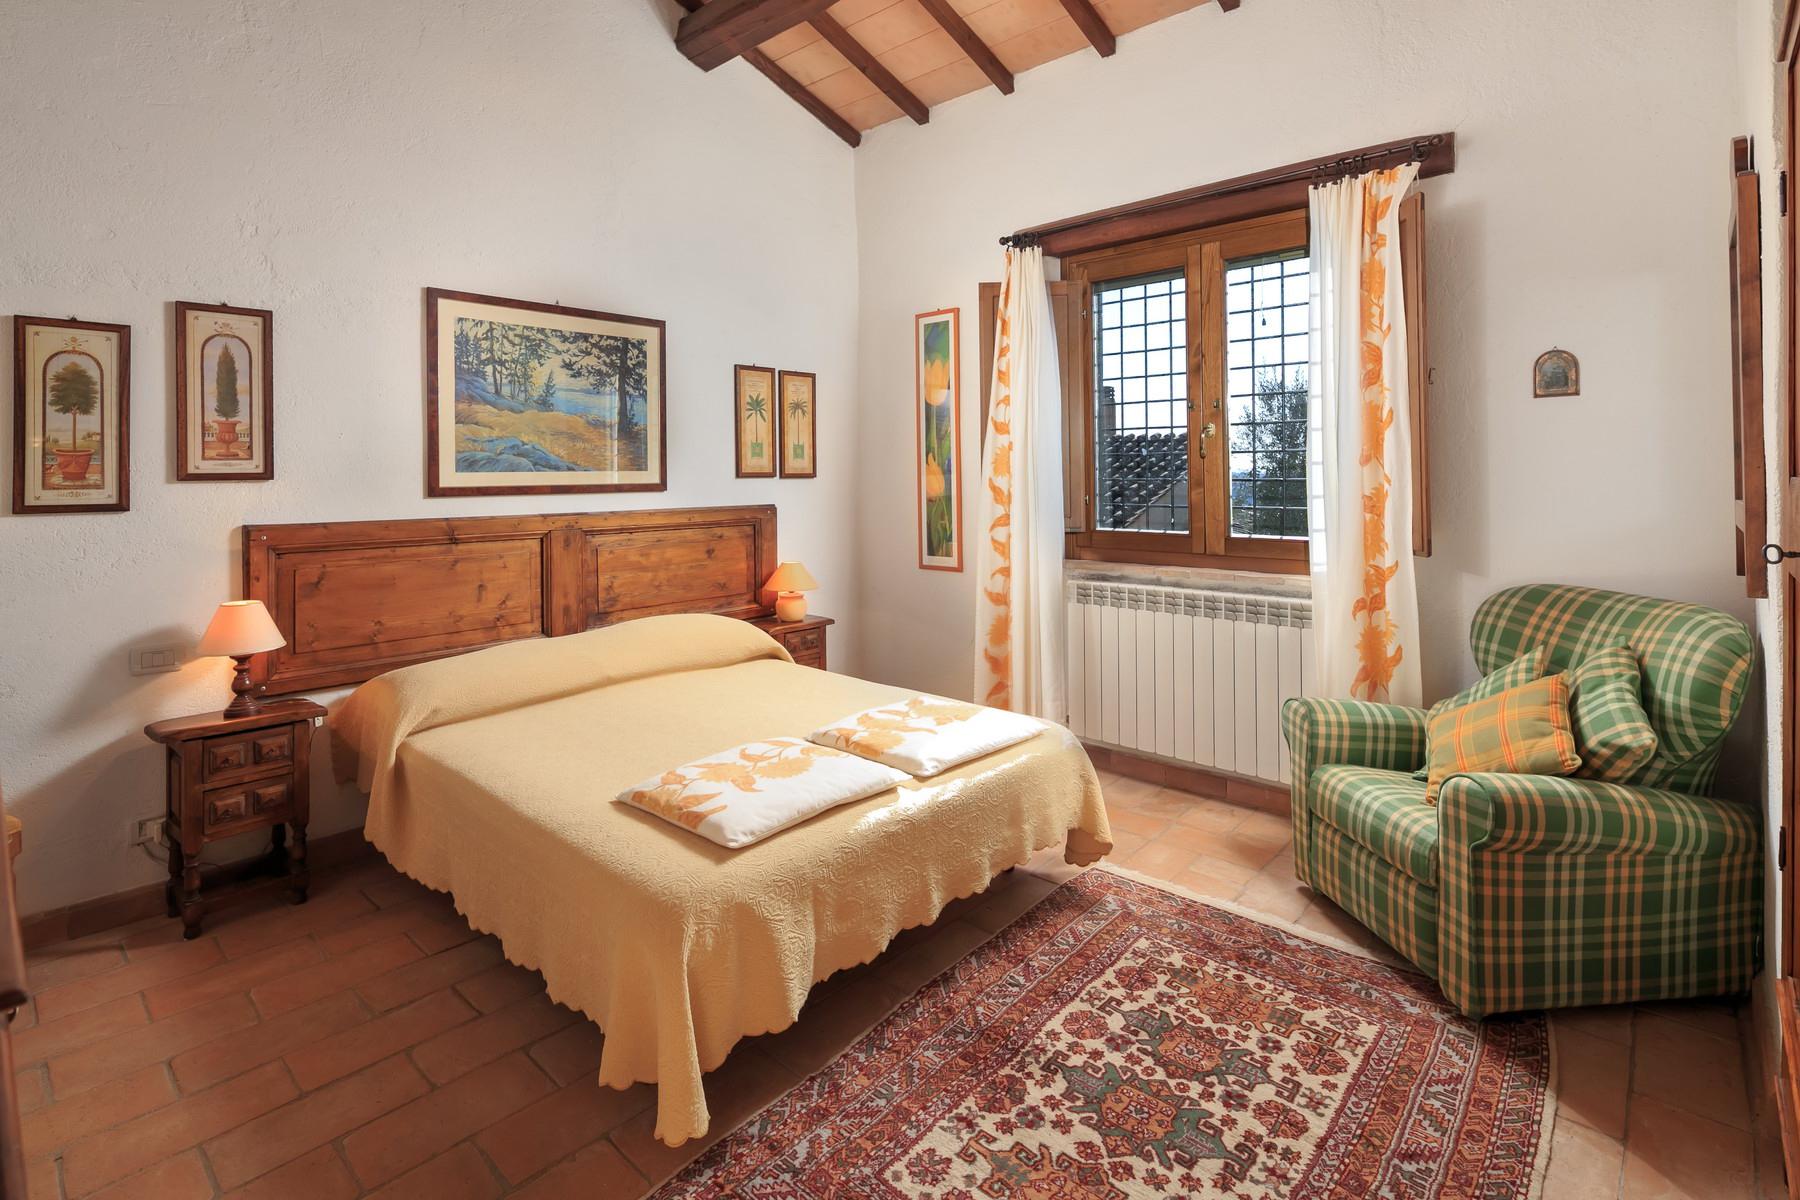 Rustico in Vendita a Manciano: 5 locali, 357 mq - Foto 14